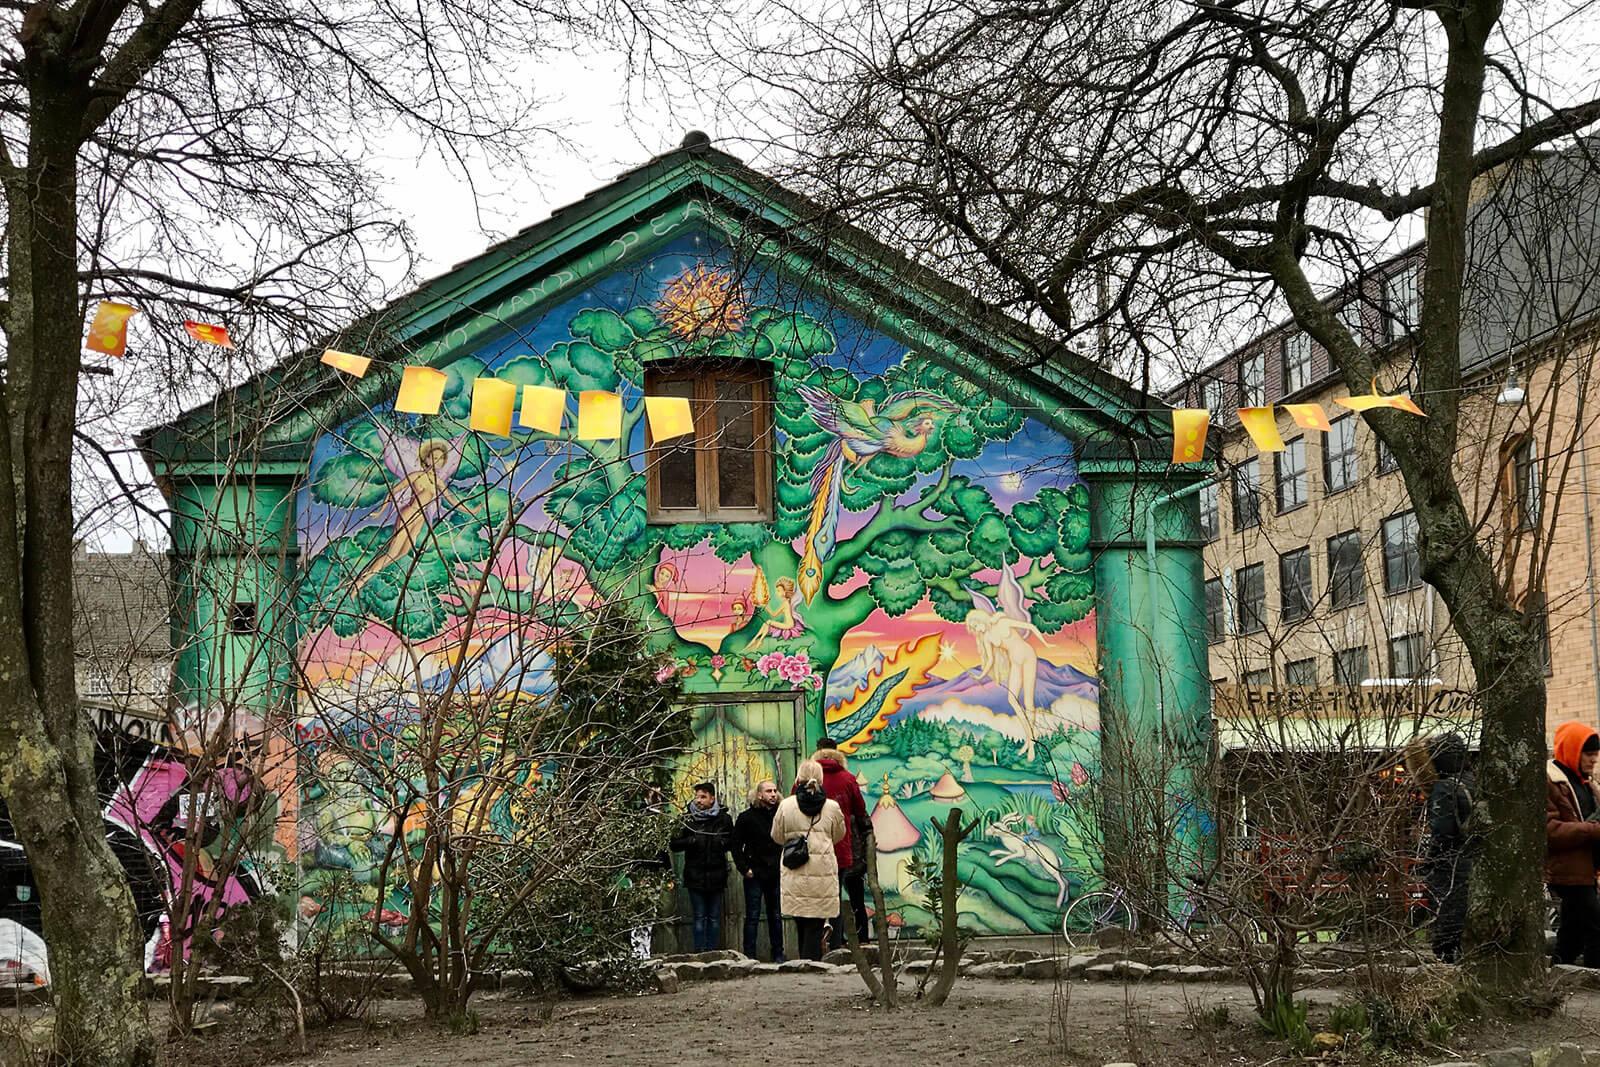 Pessoas junto a um edifício revestido a grafittis, instalado junto a um jardim.